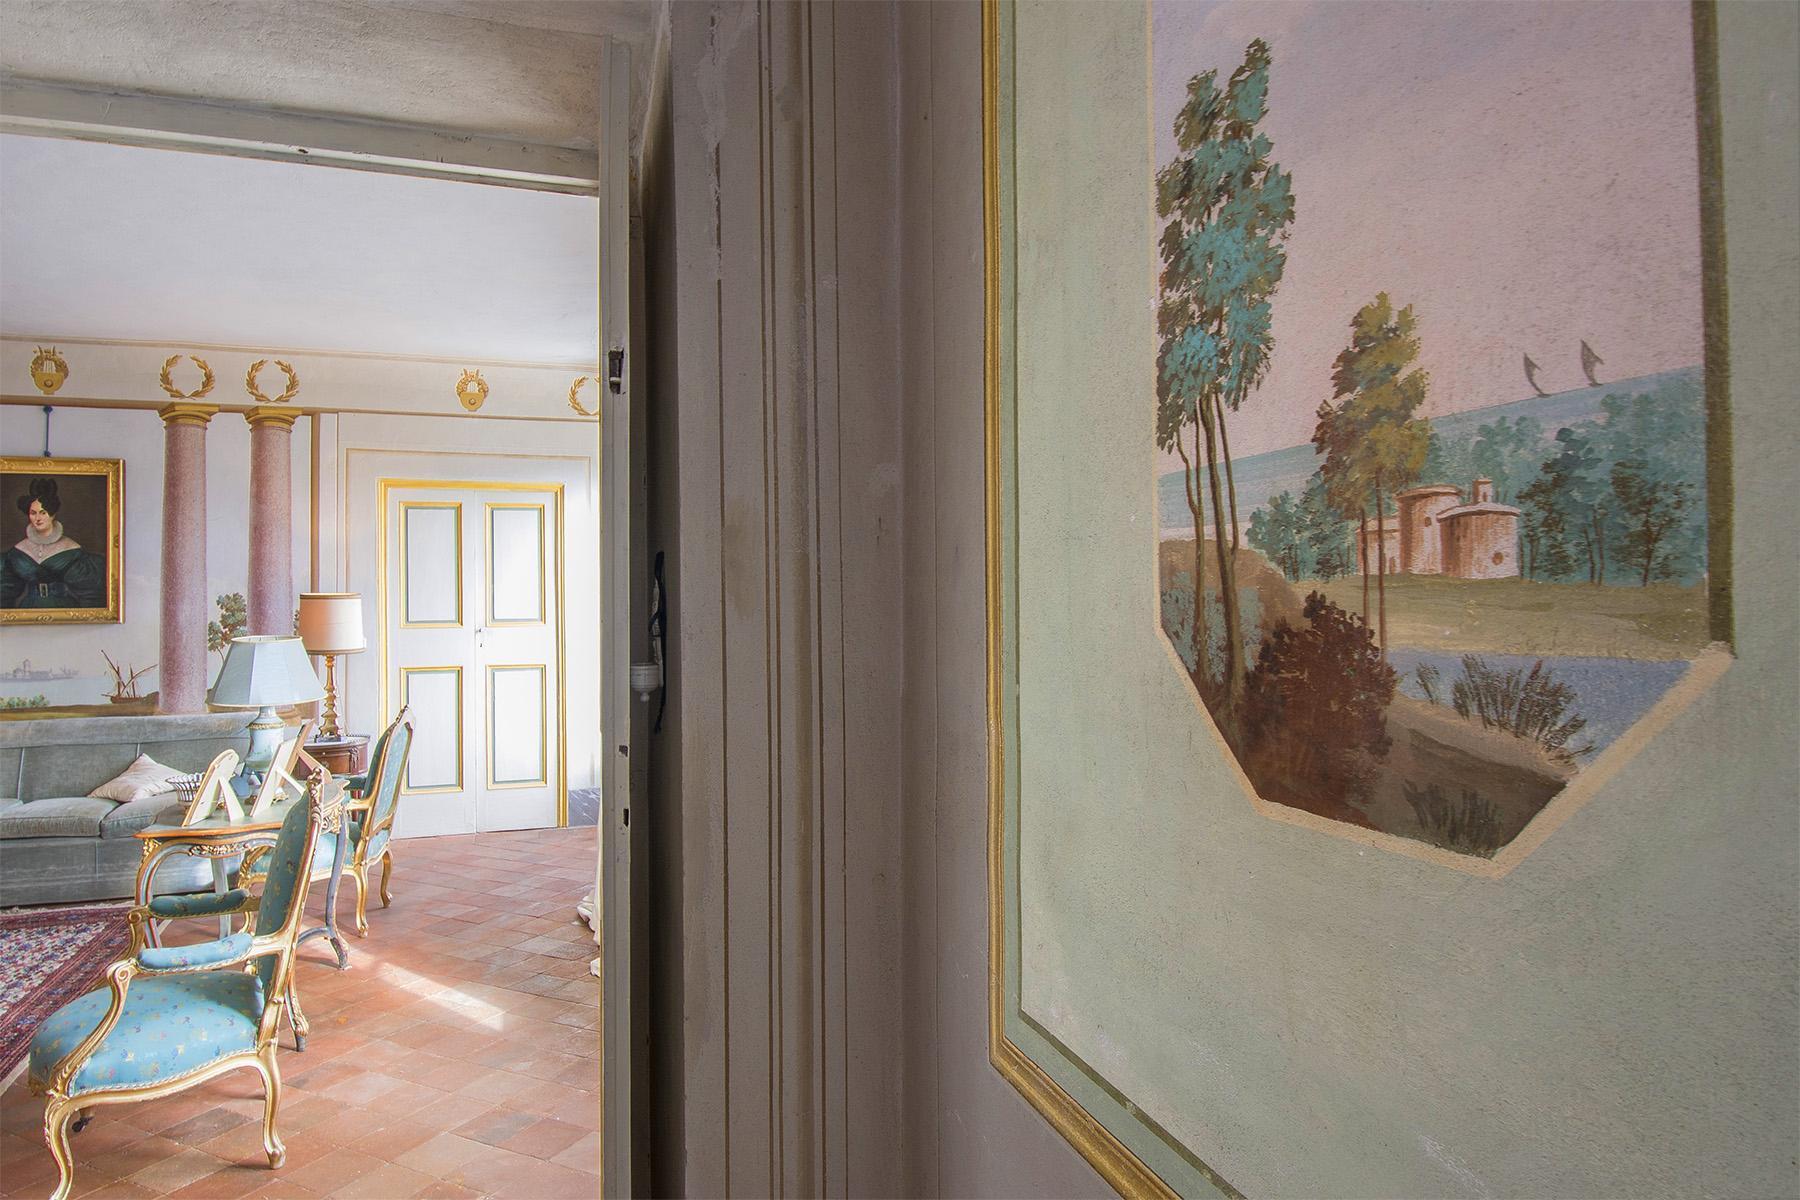 Villa historique près d'un village toscan médiéval - 10